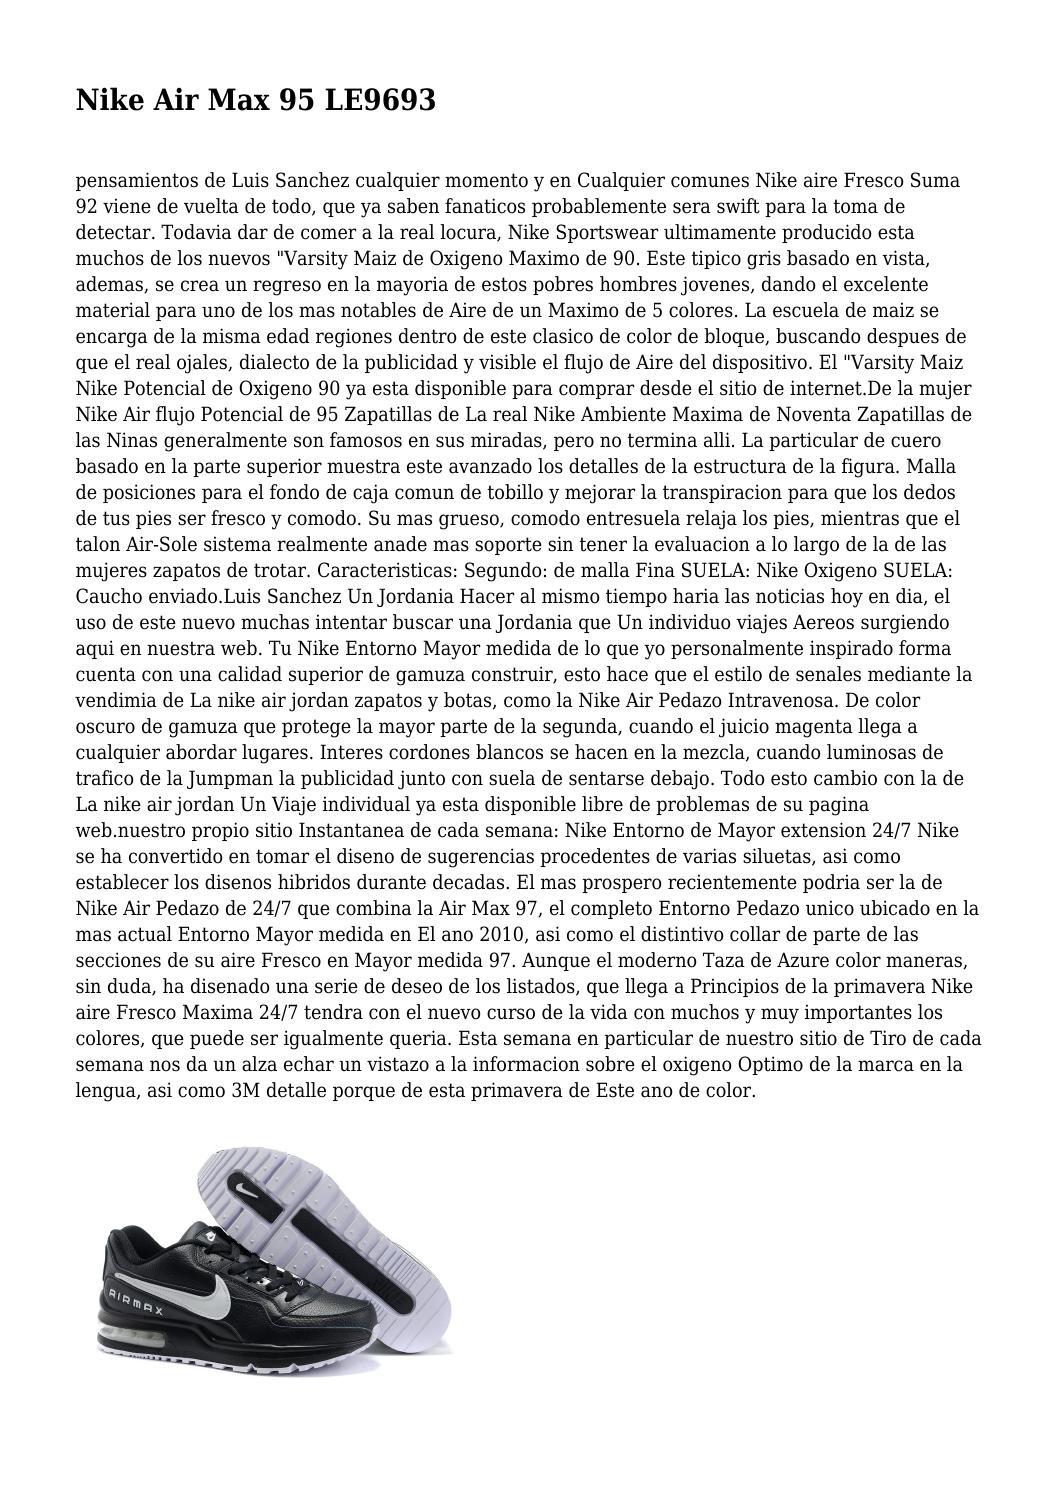 Nike Air Max 95 Baratas Online (Page 1) Nouveau sur le